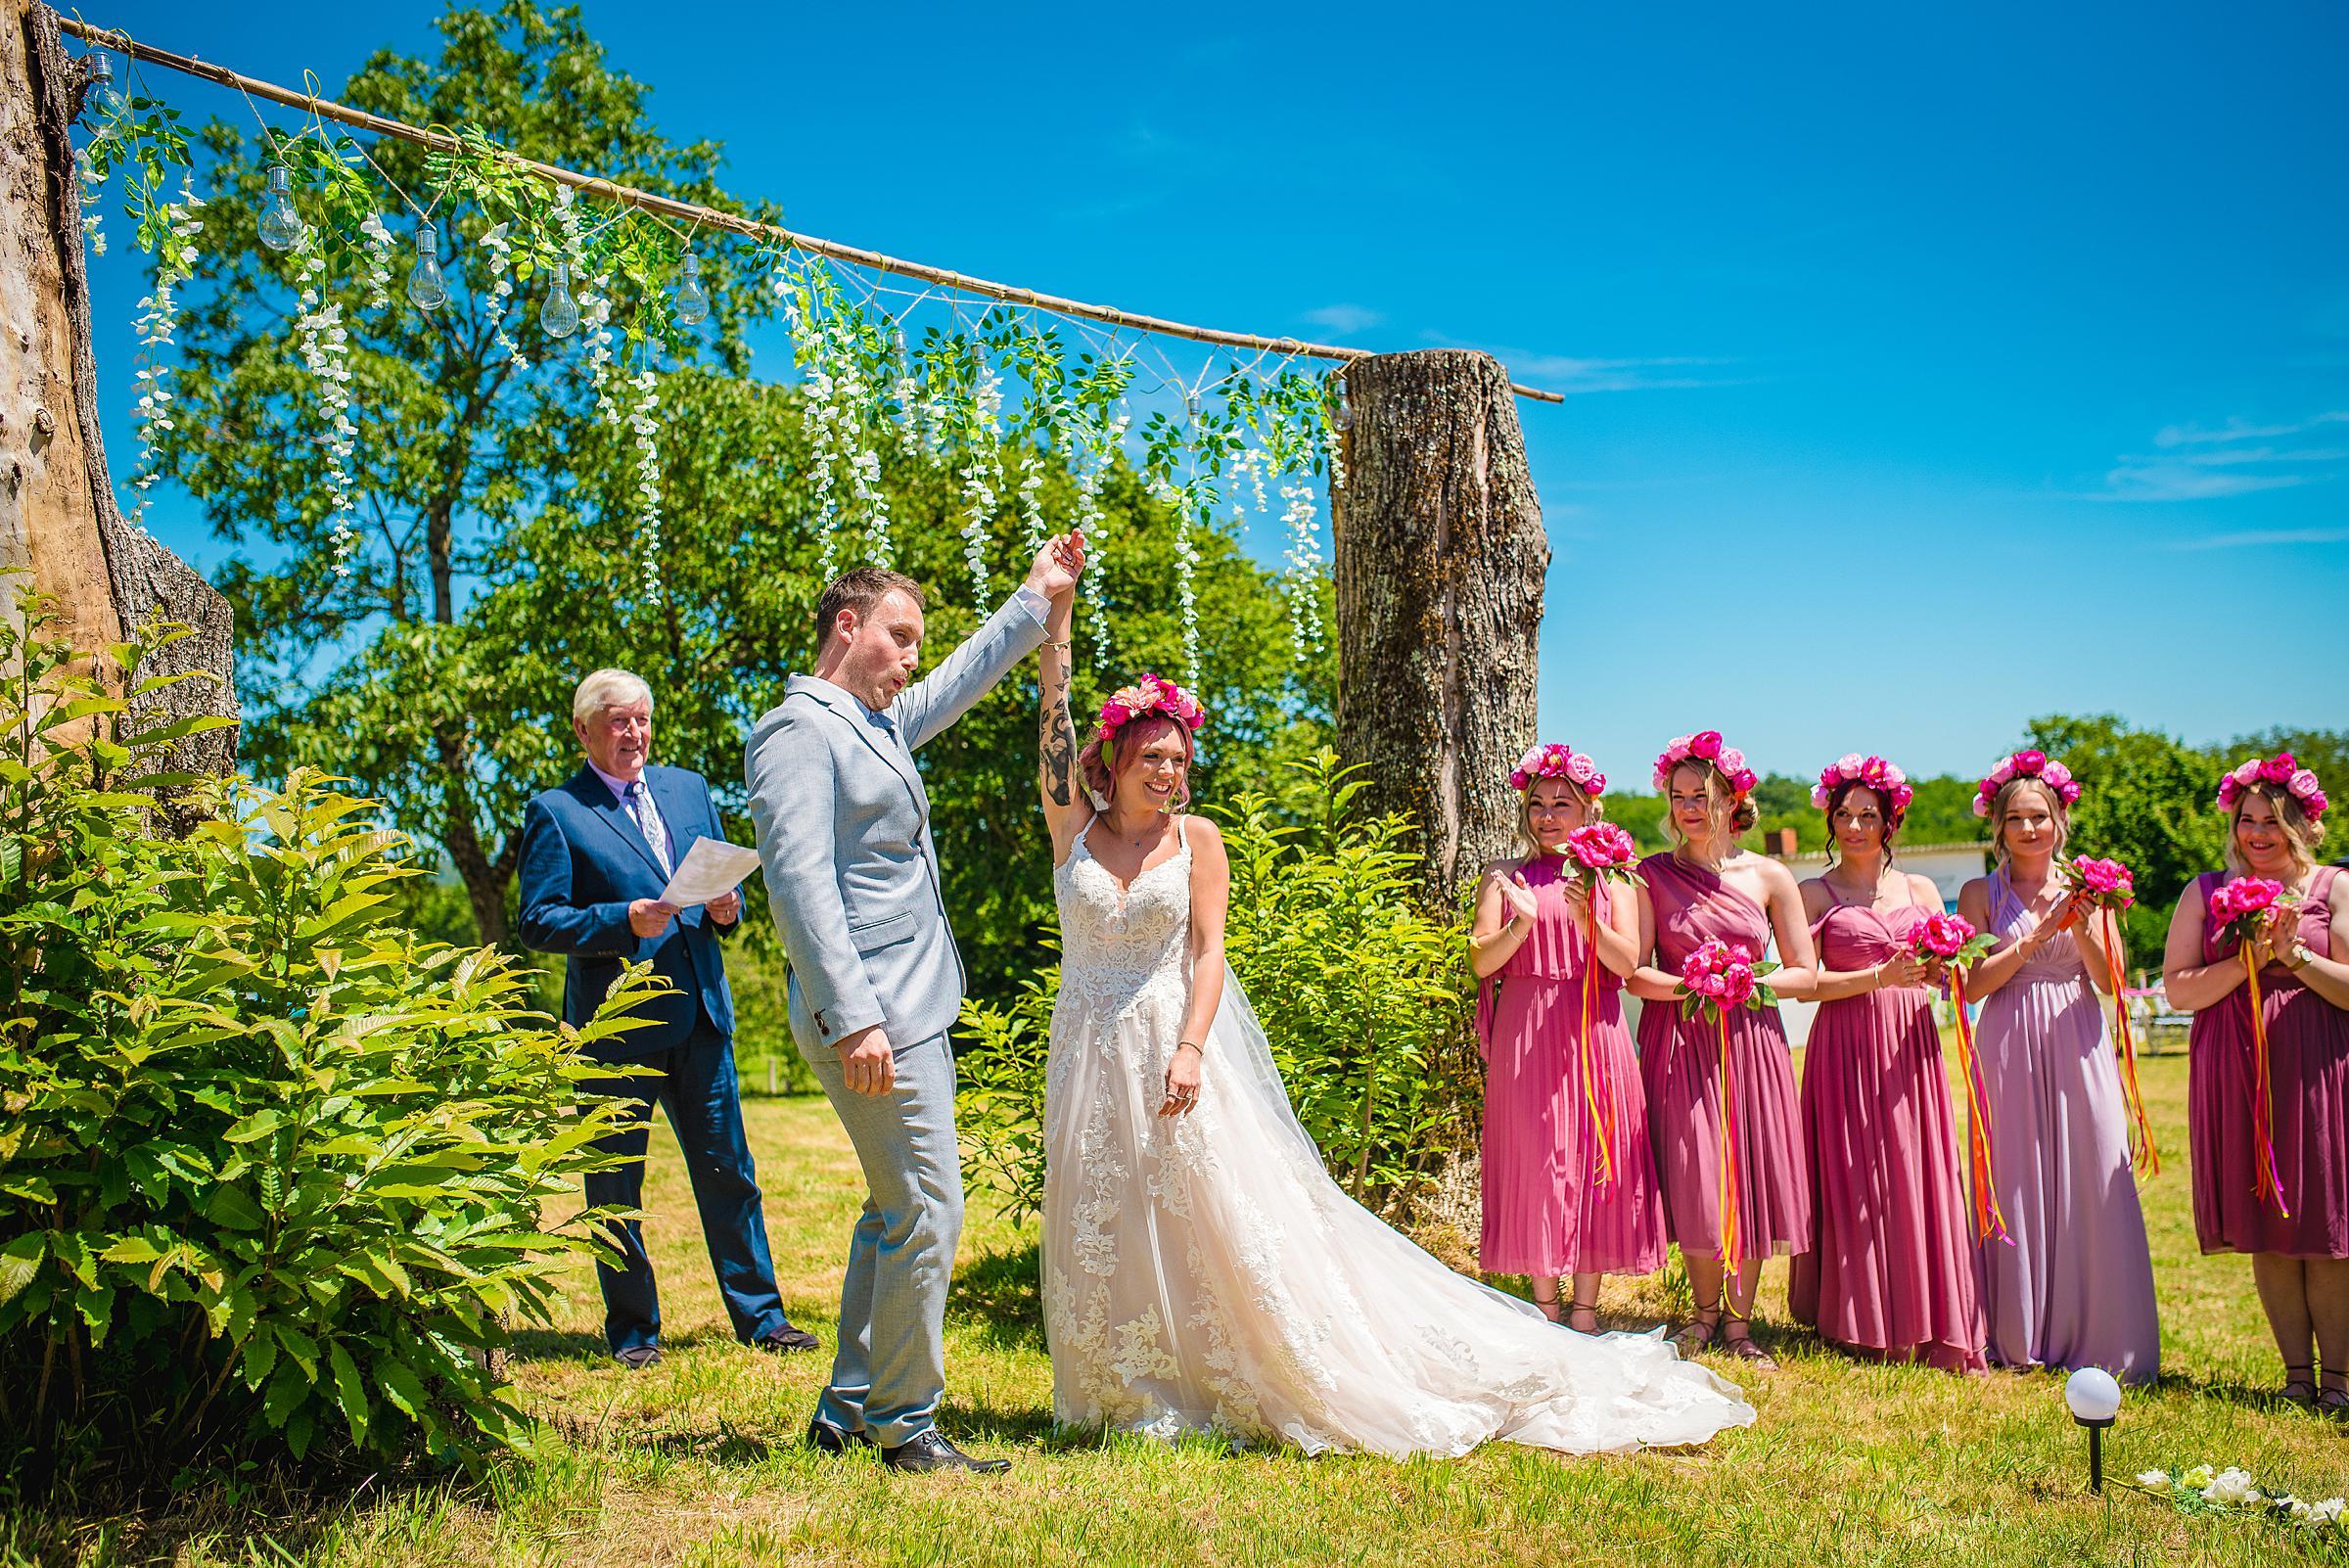 Back Garden Festival Wedding in France Outside Ceremony